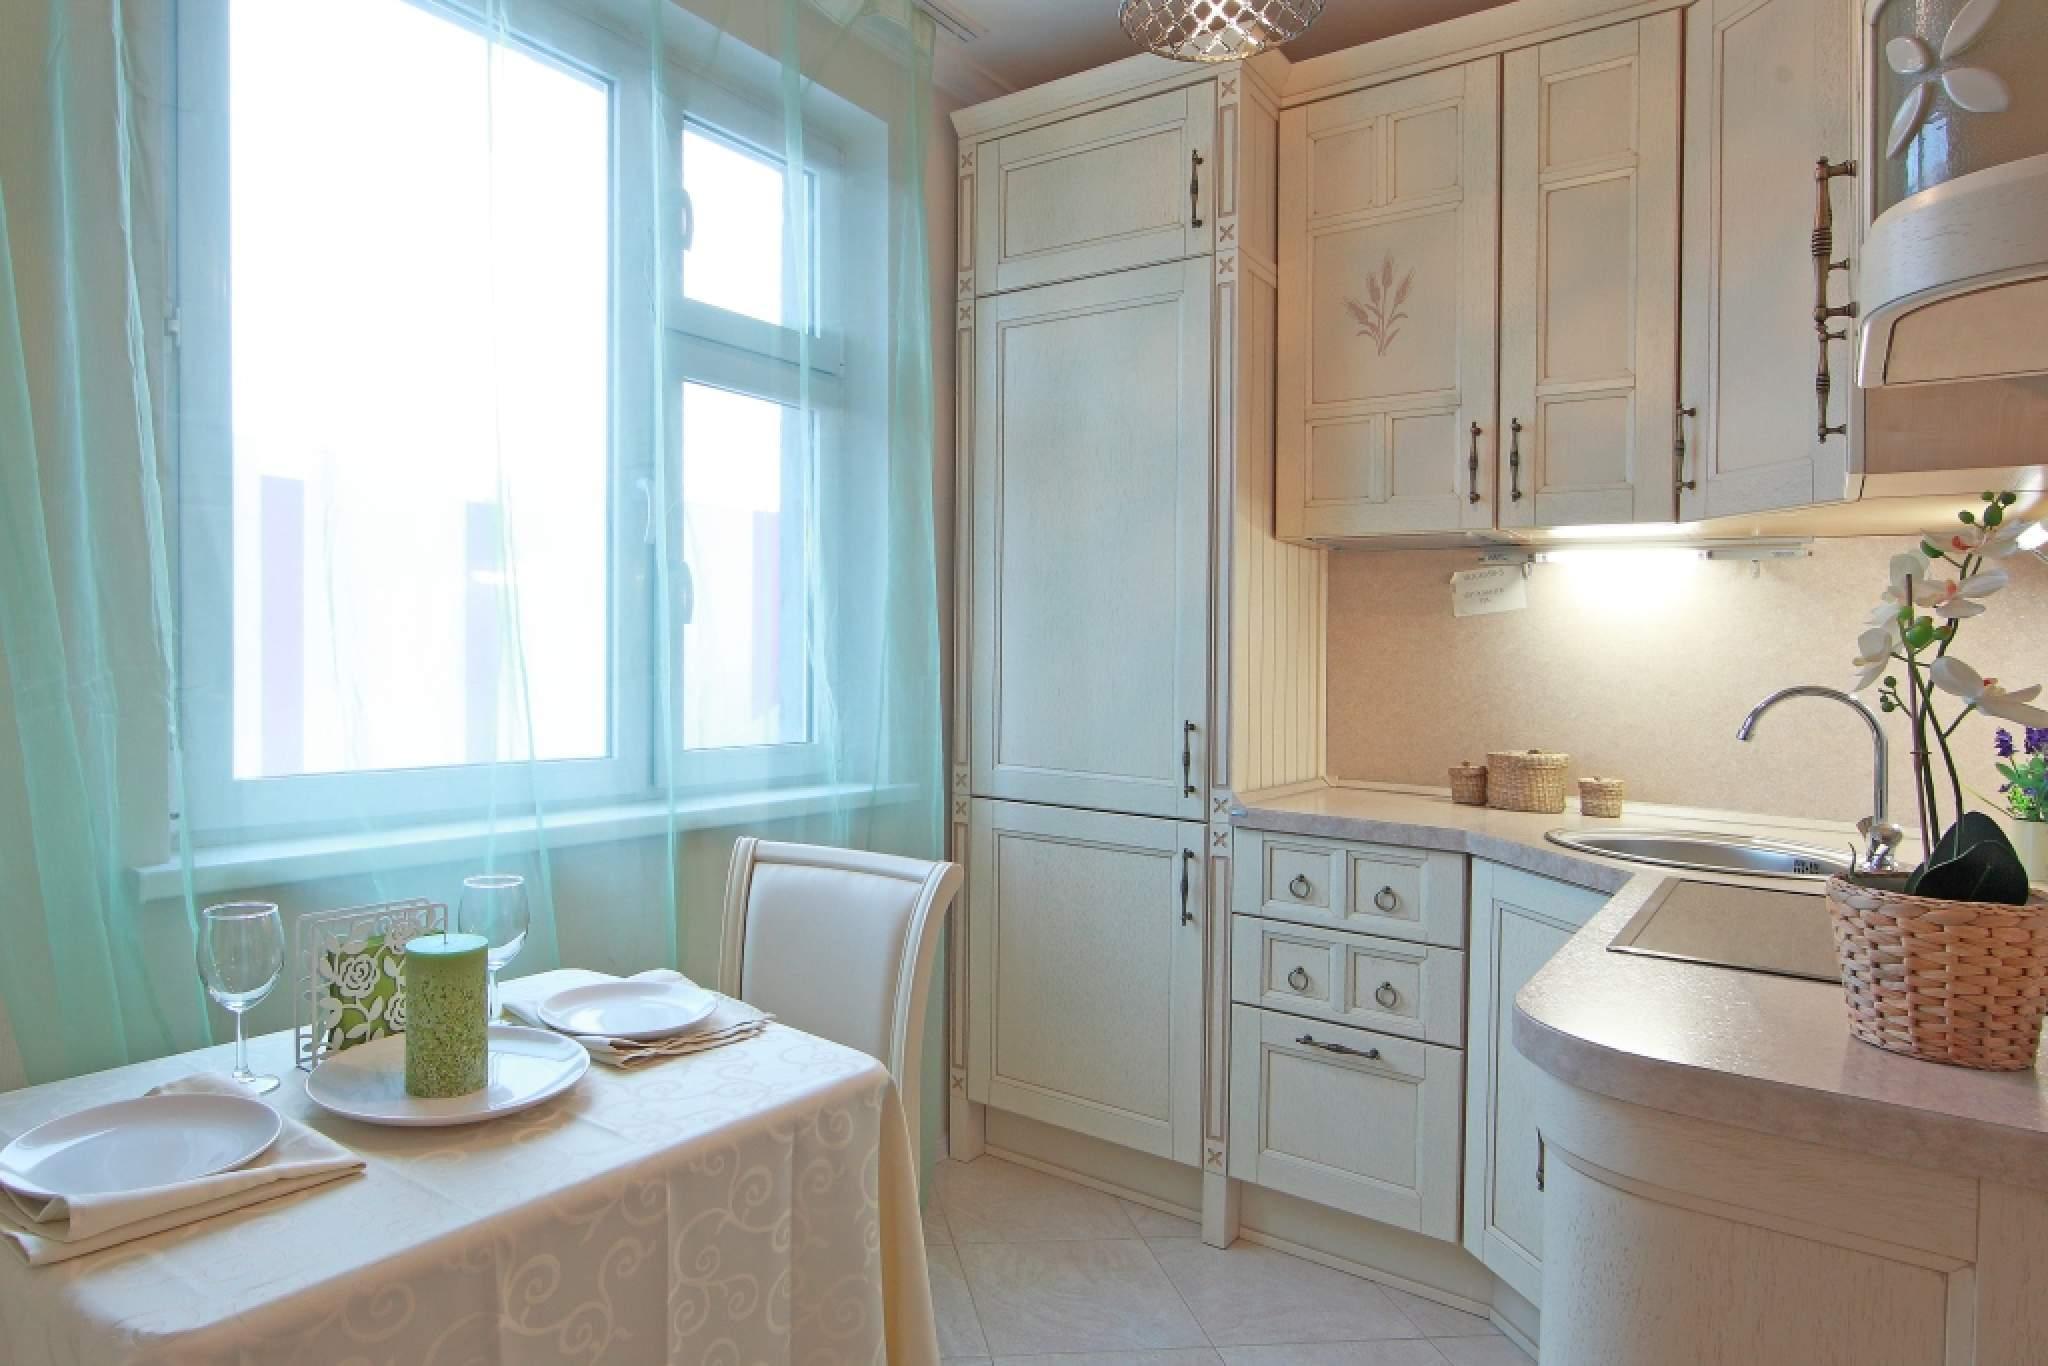 Продам 1-комнатную квартиру 25000 $ id 2139676.